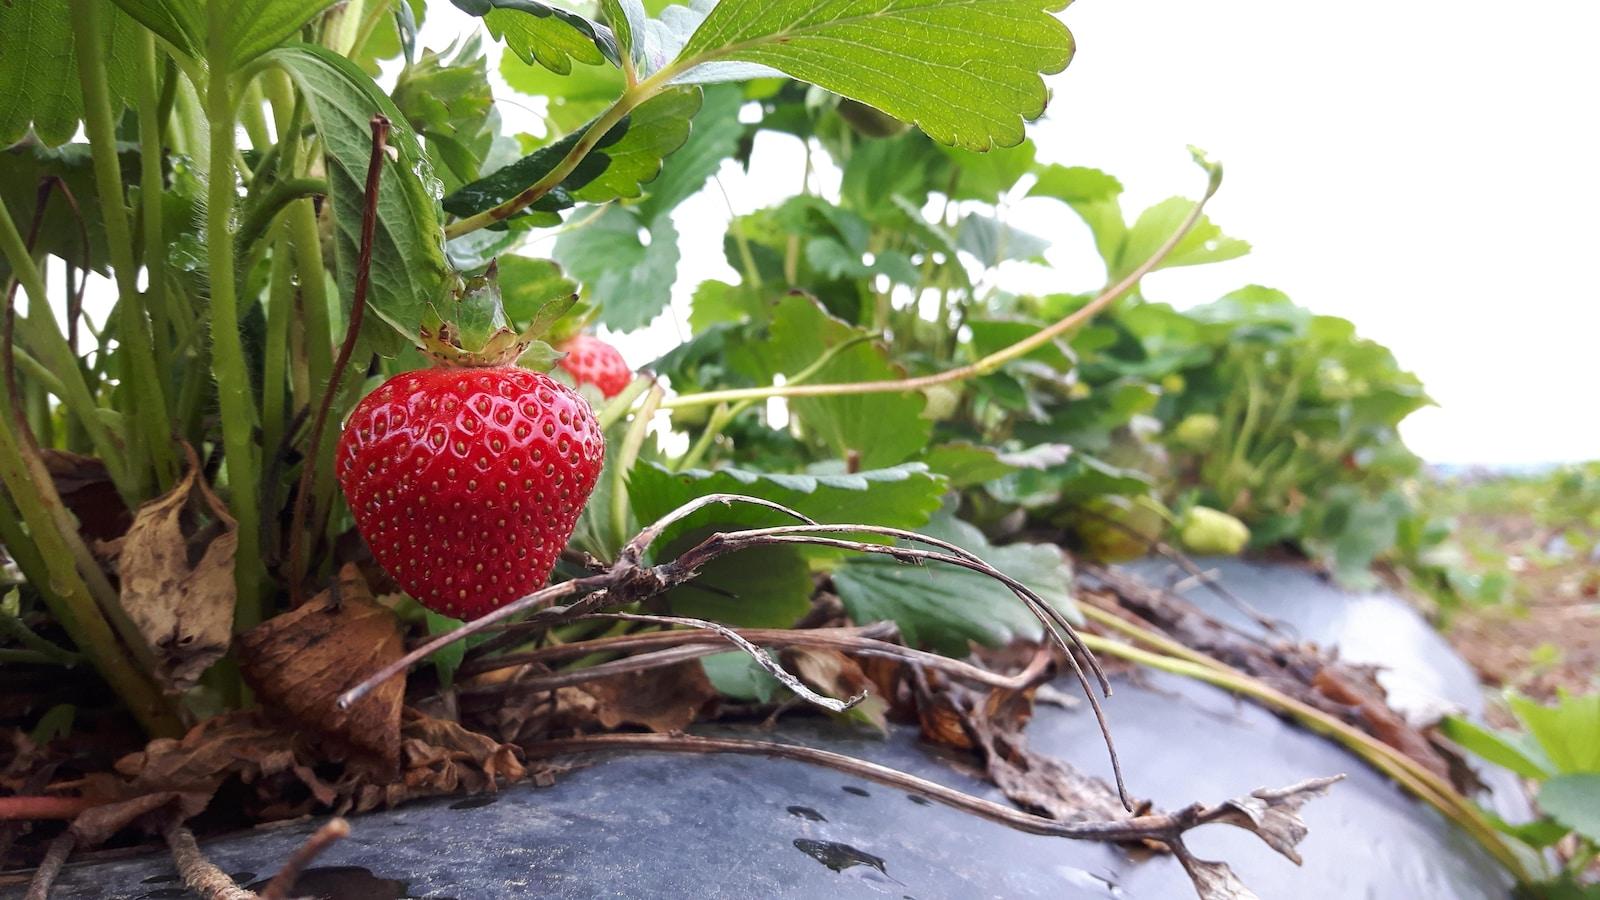 Une fraise rouge sur un plant.